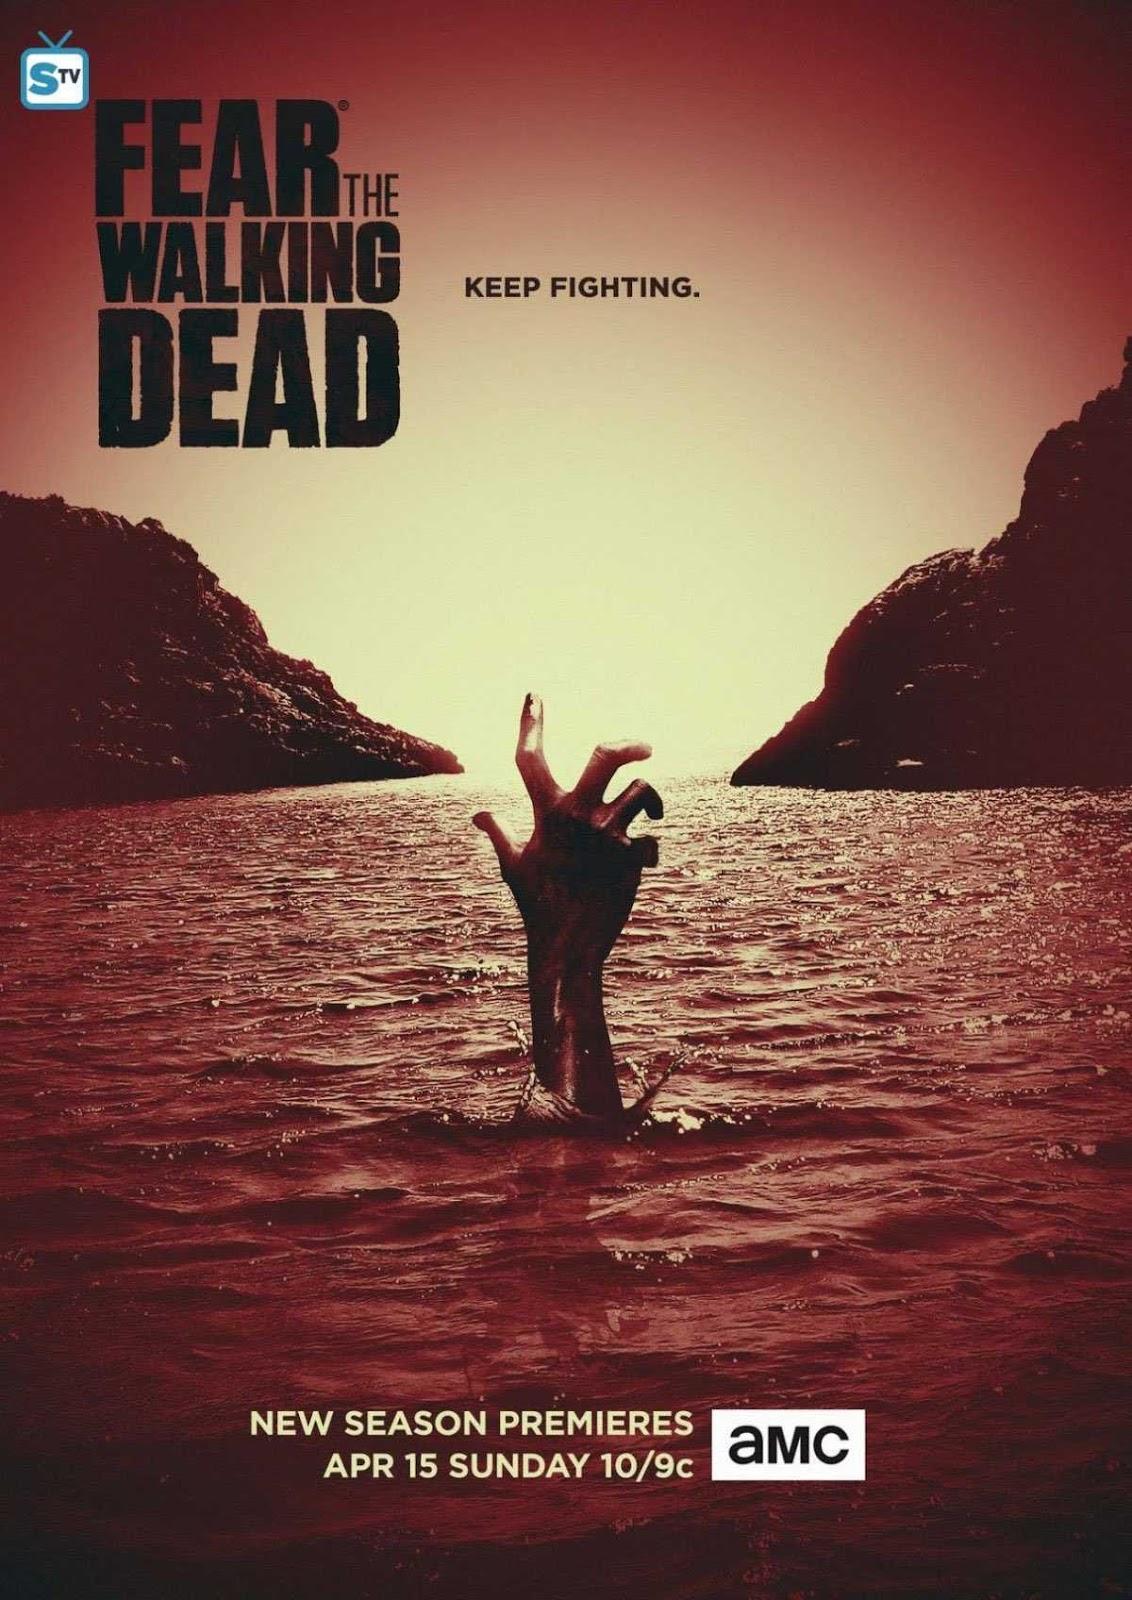 Fear the Walking Dead 2018: Season 4 - Full (1/16)